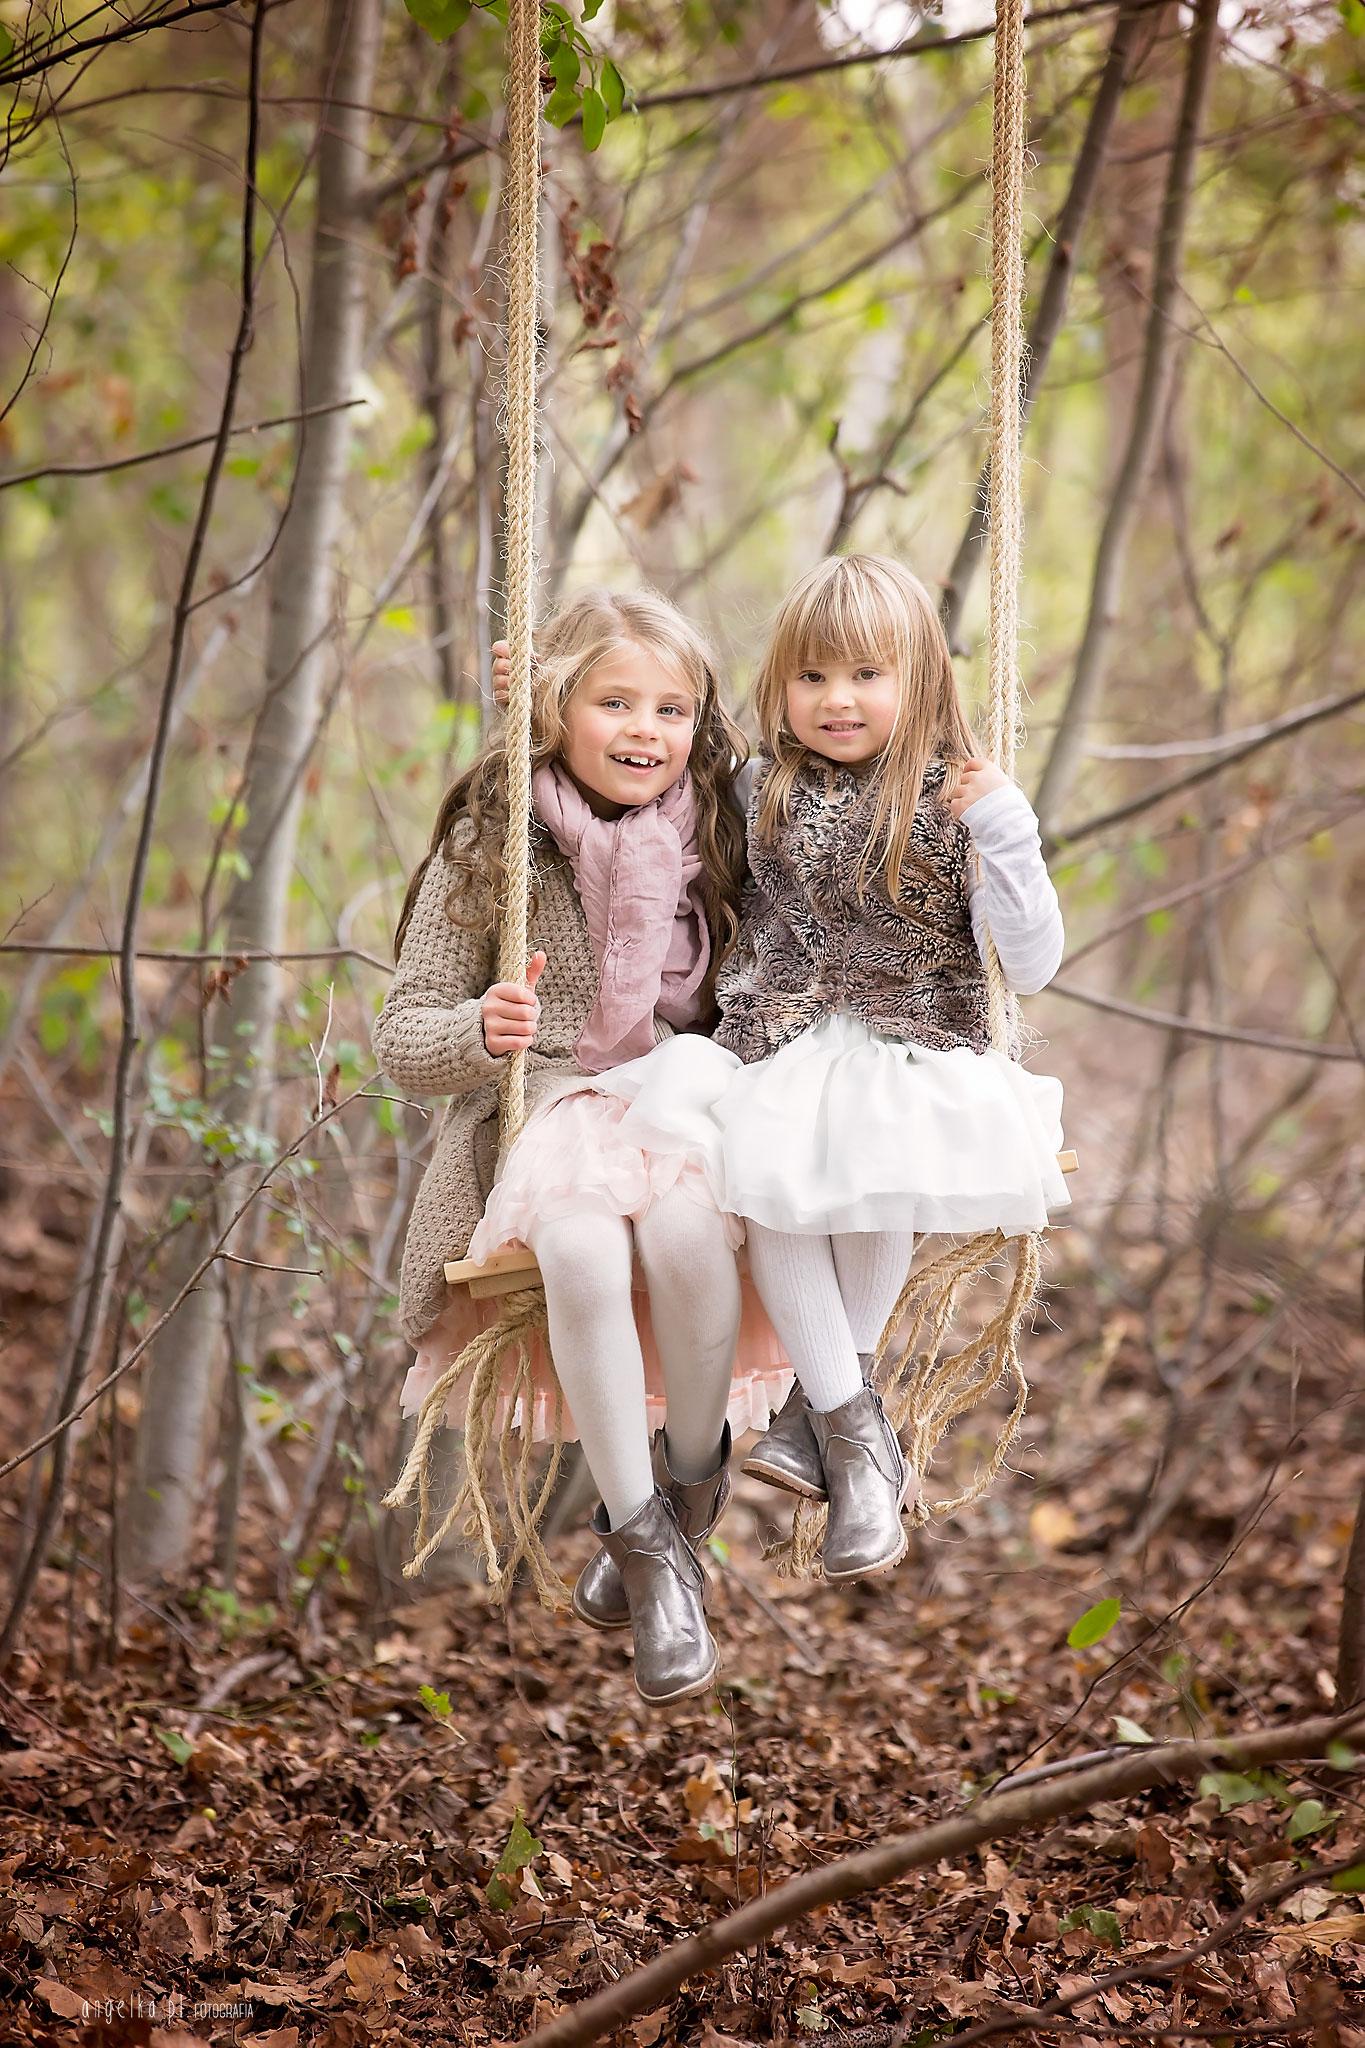 dziewczynki nasesjiz zdjeciowej